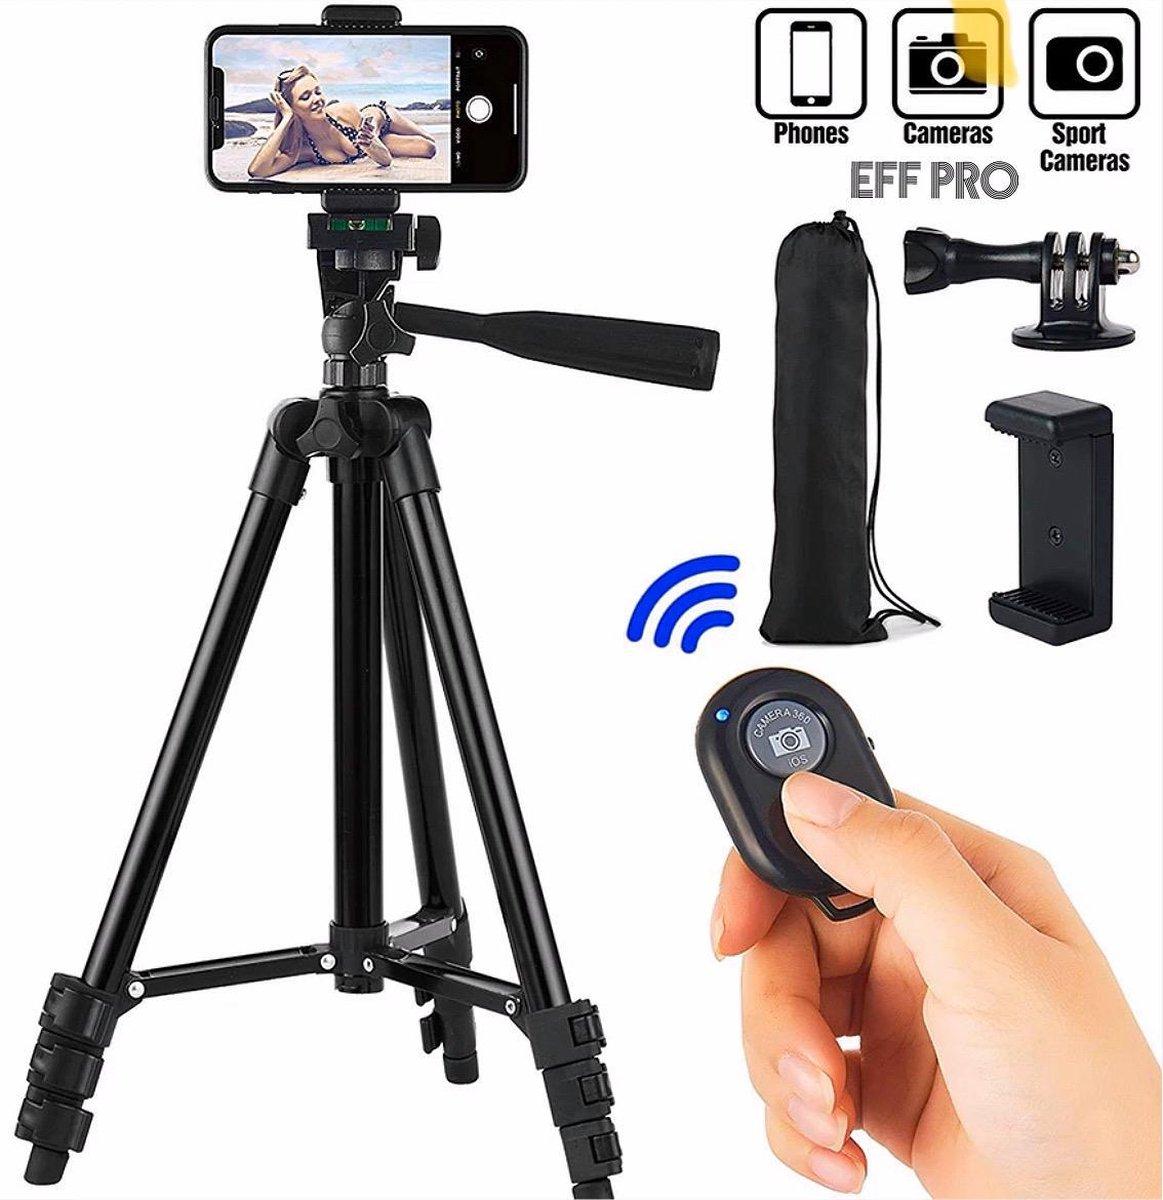 Tripod Camerastatief Zwart voor fotocamera en telefoon - iPhone - Canon   Nikon - Spiegelreflexcamer